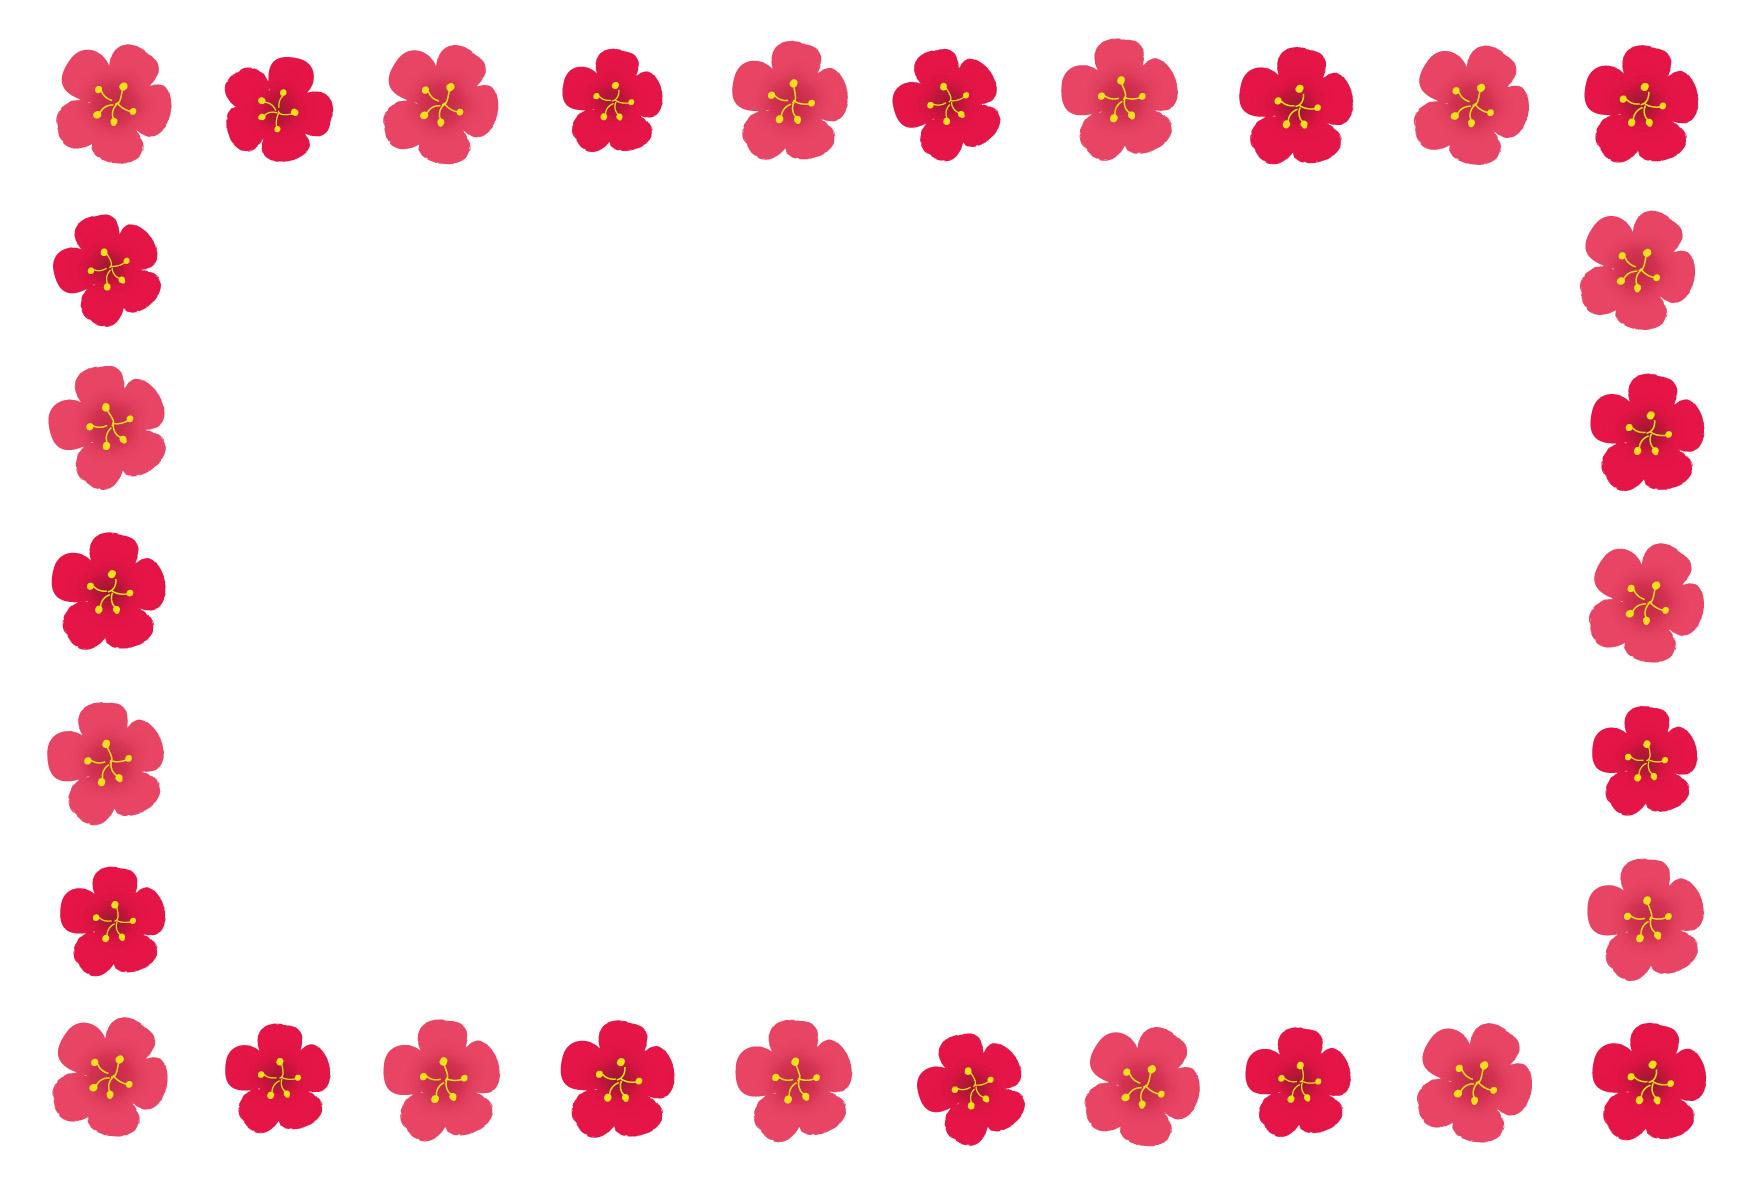 年賀状テンプレート「梅」かわいい梅のフレームダウンロード|かわいい